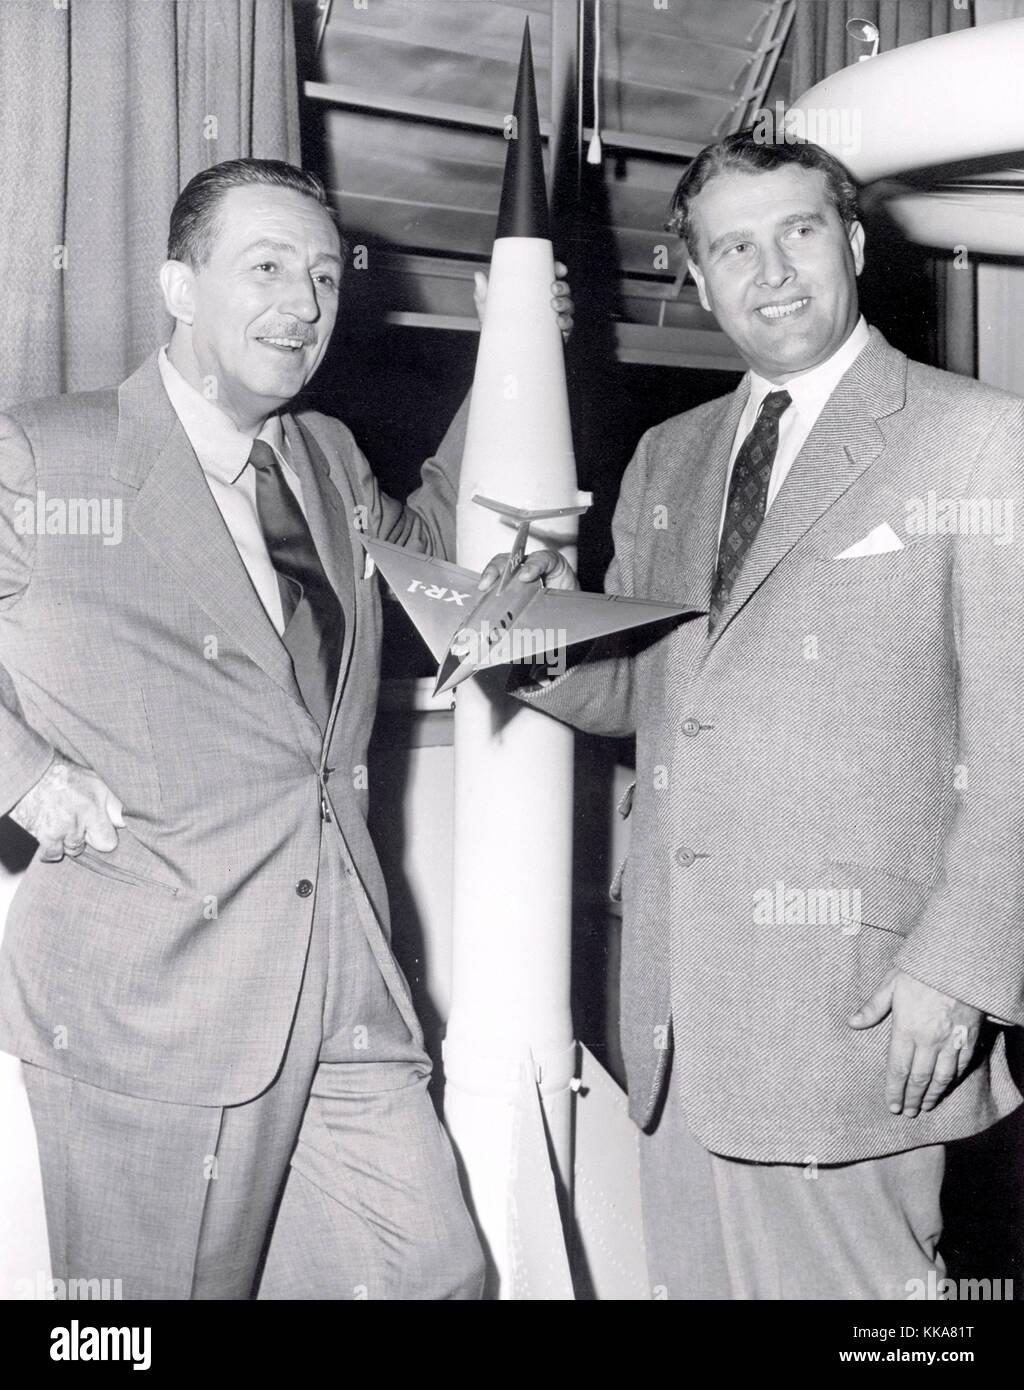 Walt Disney, izquierda y von Braun. wernher magnus maximilian Freiherr von Braun, el Dr. Wernher von Braun, alemán, después american, ingeniero aeroespacial y arquitecto espacial inventó el cohete V-2 para la Alemania nazi y el Saturn V para los estados unidos Foto de stock